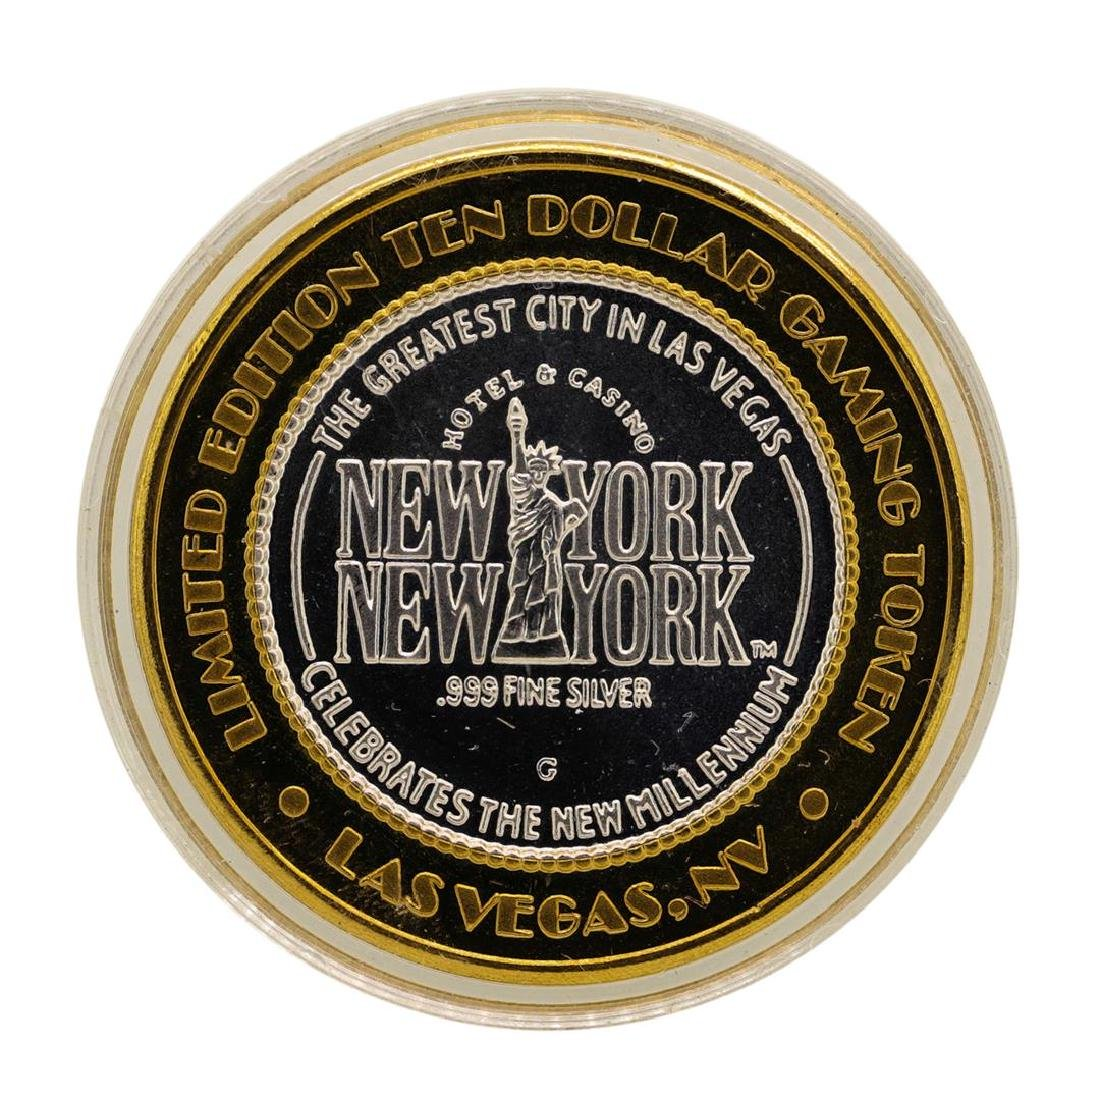 .999 Silver New York-New York Las Vegas $10 Casino - 2